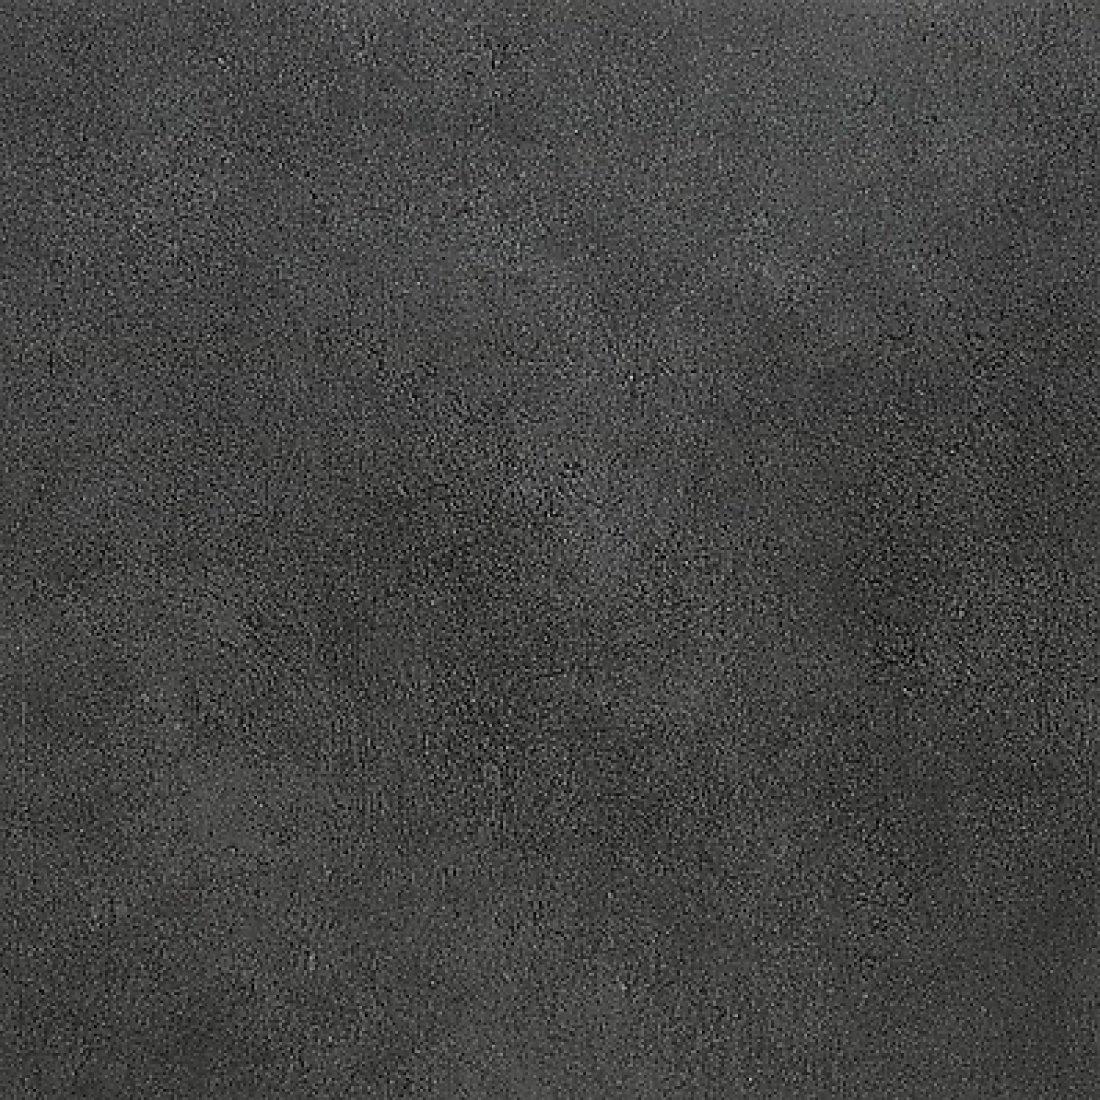 Дайсен черный обрезной 60*60 керамический гранит KERAMA MARAZZI, артикул SG613000R